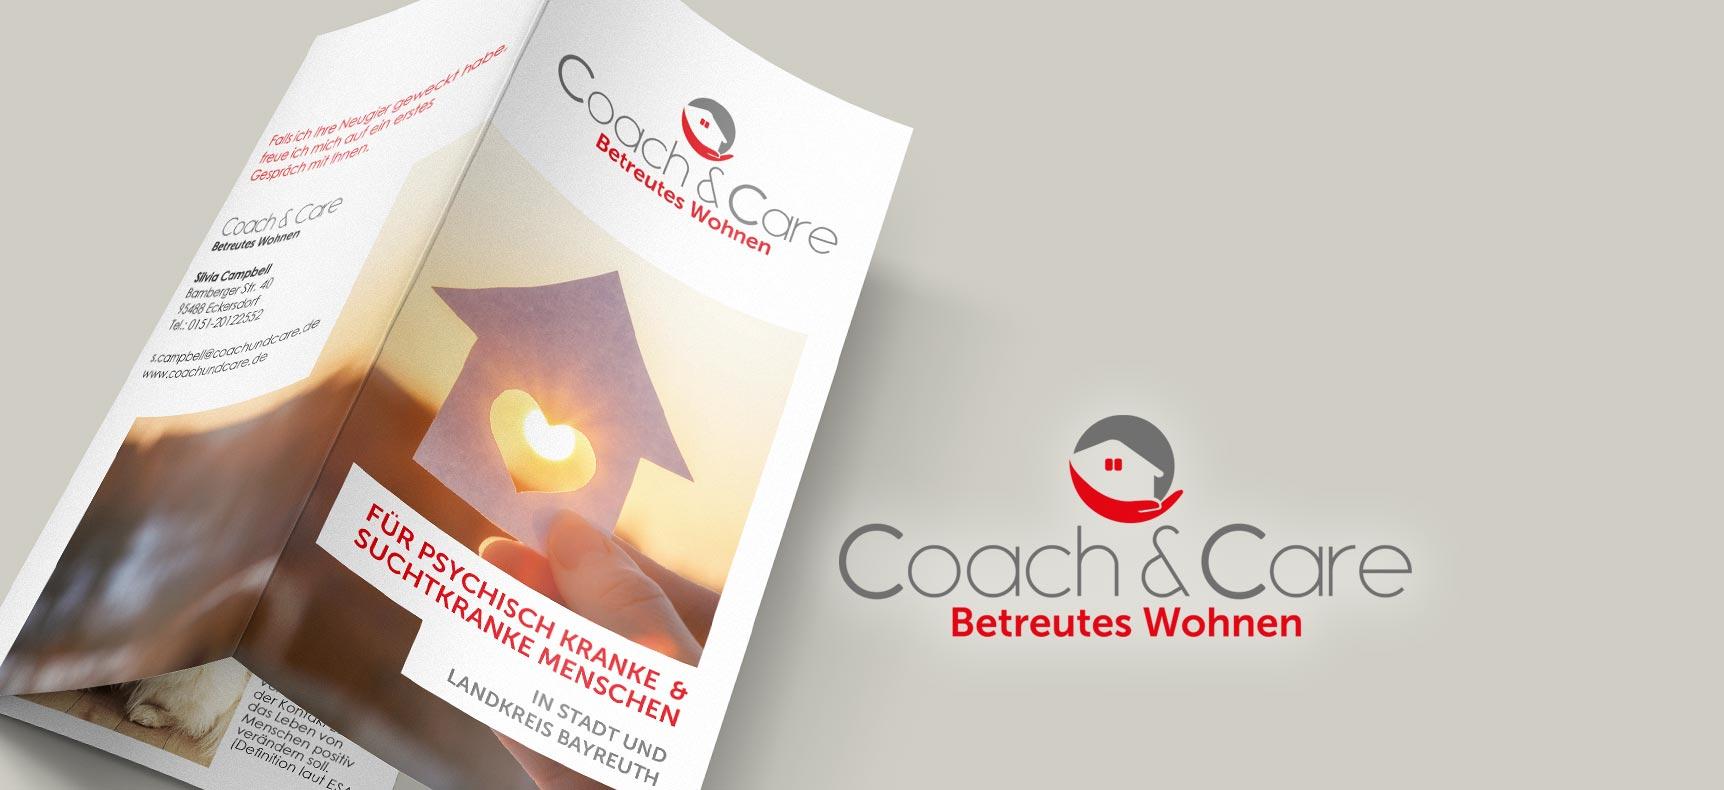 Coach&Care Betreutes Wohnen | Corporate Design gestaltet von StatusZwo.com